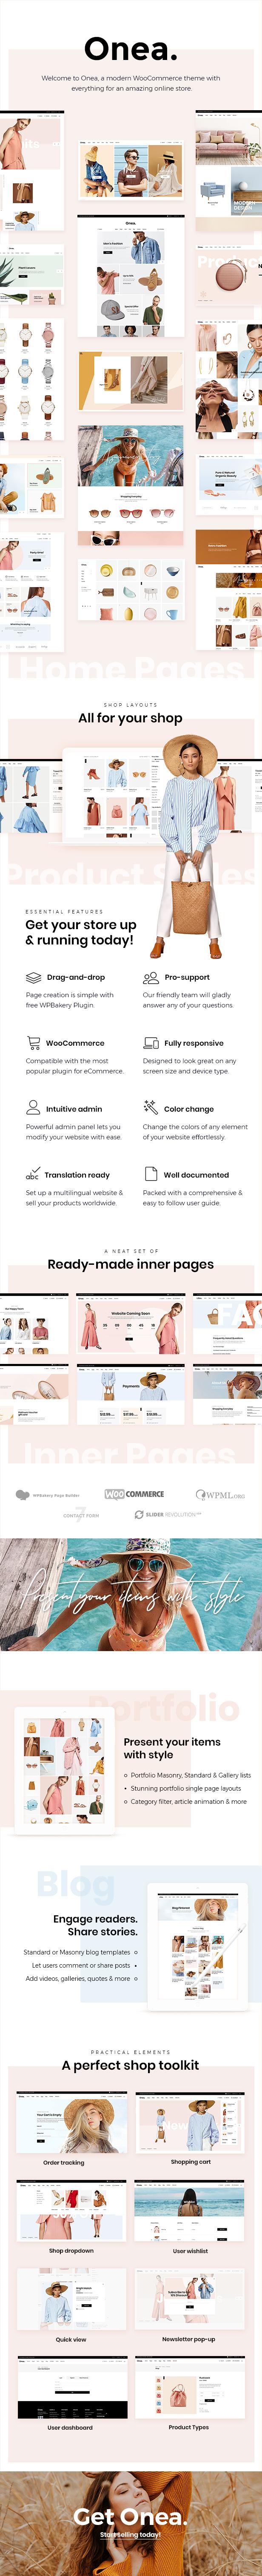 Onea - Tienda de moda elegante - 1